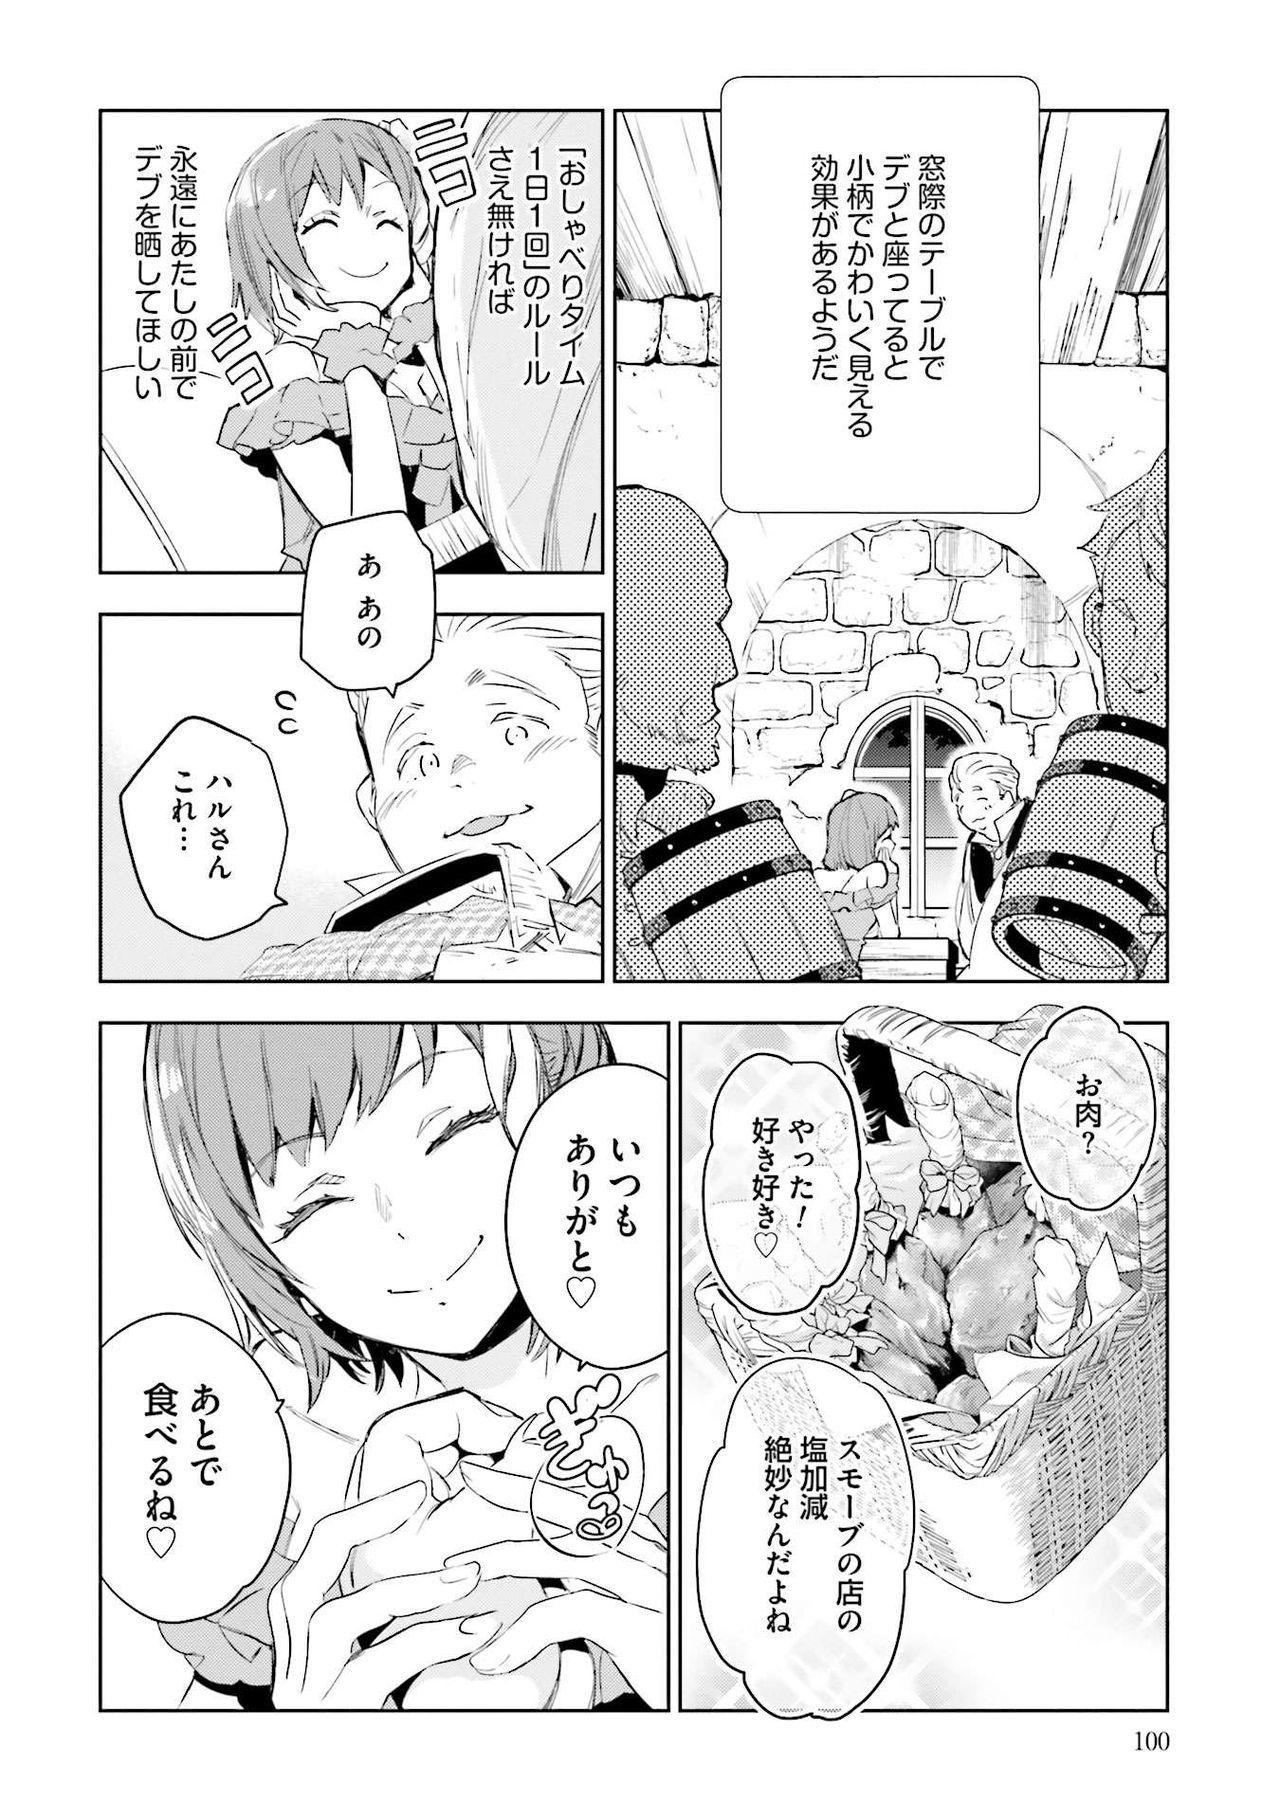 JK Haru wa Isekai de Shoufu ni Natta 1-14 101